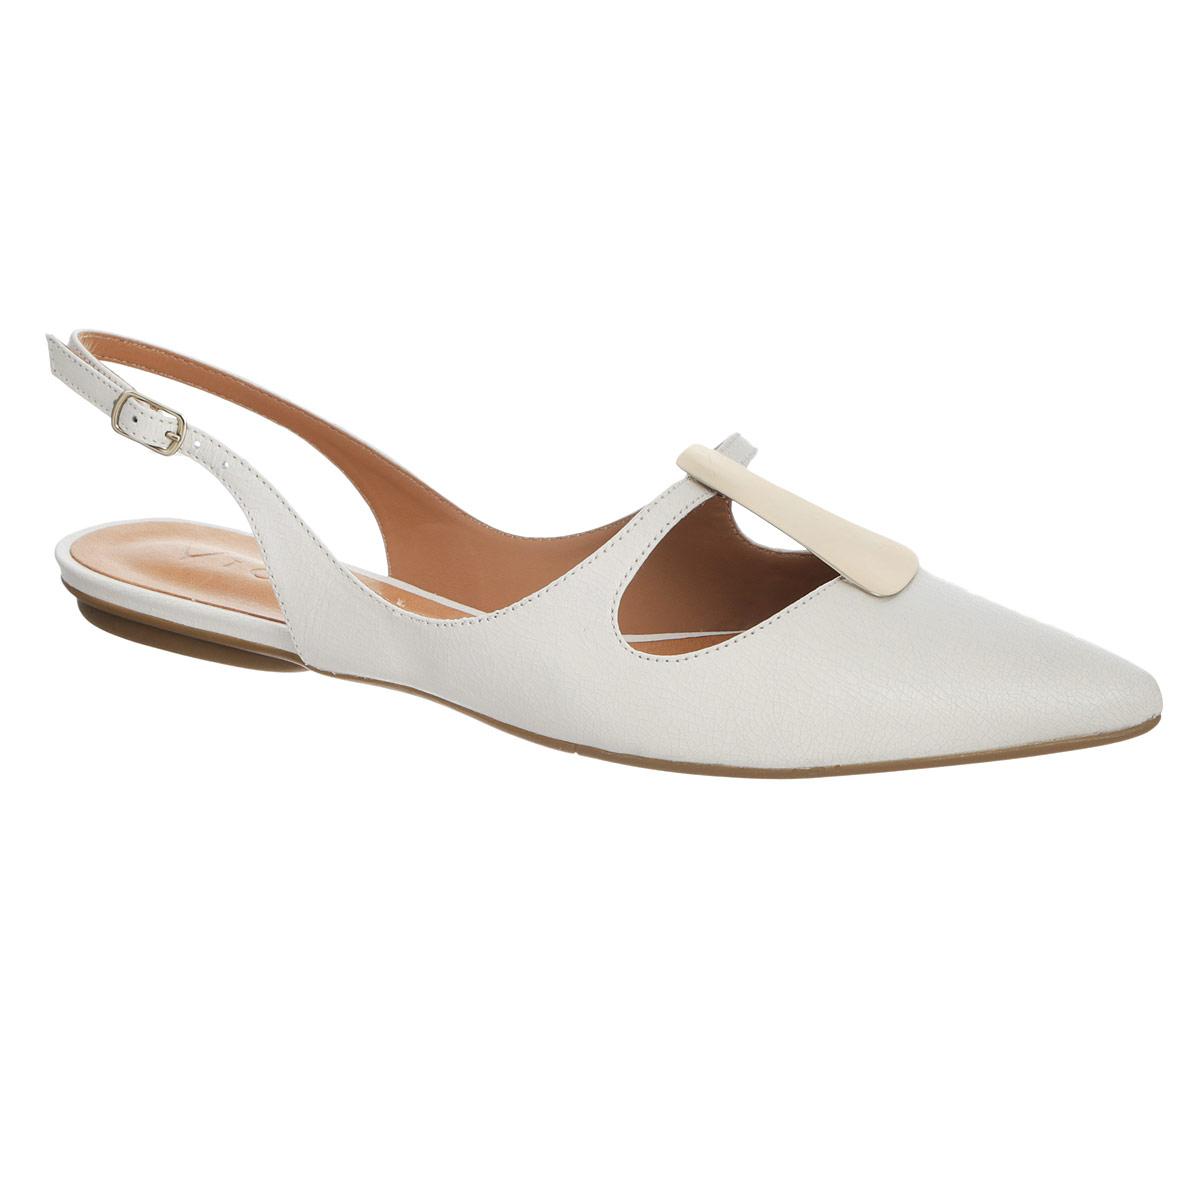 5827024Модные балетки от Vicenza займут достойное место среди вашей обуви. Модель выполнена из натуральной высококачественной кожи и оформлена широким вырезом и оригинальной металлической пластиной спереди. Заостренный носок смотрится невероятно женственно. Открытый задник обеспечивает отличную вентиляцию, позволяет вашим ногам дышать. Ремешок с металлической пряжкой прочно зафиксирует модель на вашей щиколотке. Длина ремешка регулируется за счет болта. Стелька из натуральной кожи гарантирует комфорт при ходьбе. Подошва с рифлением обеспечивает максимальное сцепление с поверхностью. Удобные балетки придутся по душе каждой женщине!